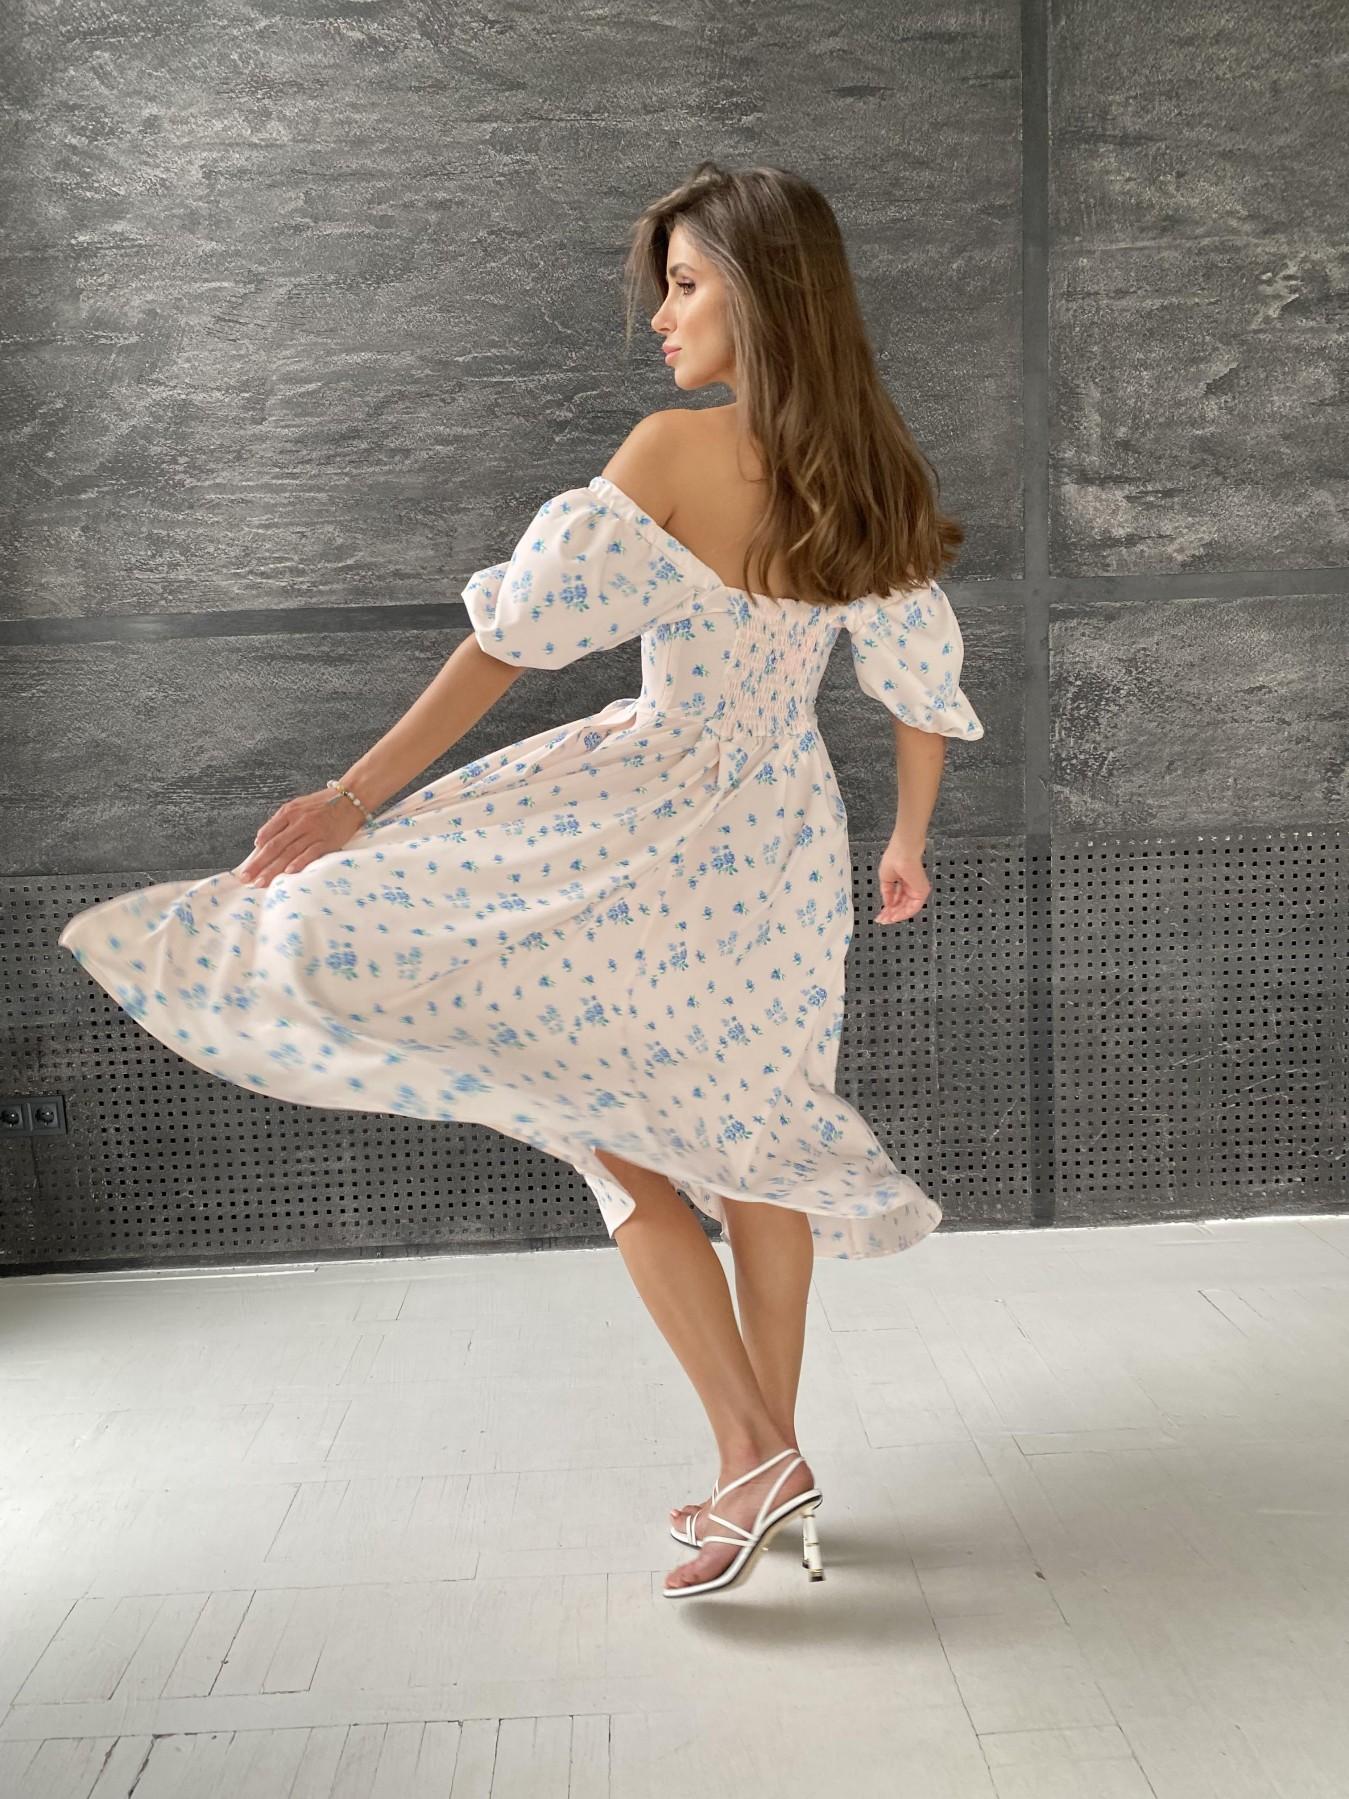 Кисес Миди платье из софт ткани в принт 11348 АРТ. 48187 Цвет: Пудра/голубойЦветыНаВетке - фото 7, интернет магазин tm-modus.ru